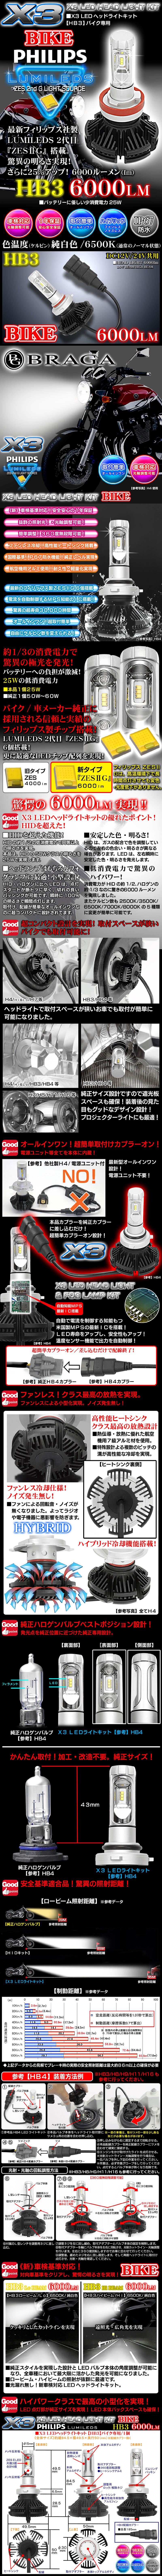 《車検対応》【HB3】バイク専用 X3 6000LMフィリップス製LEDヘッドライトキット25W/6500K 1個/1年保証